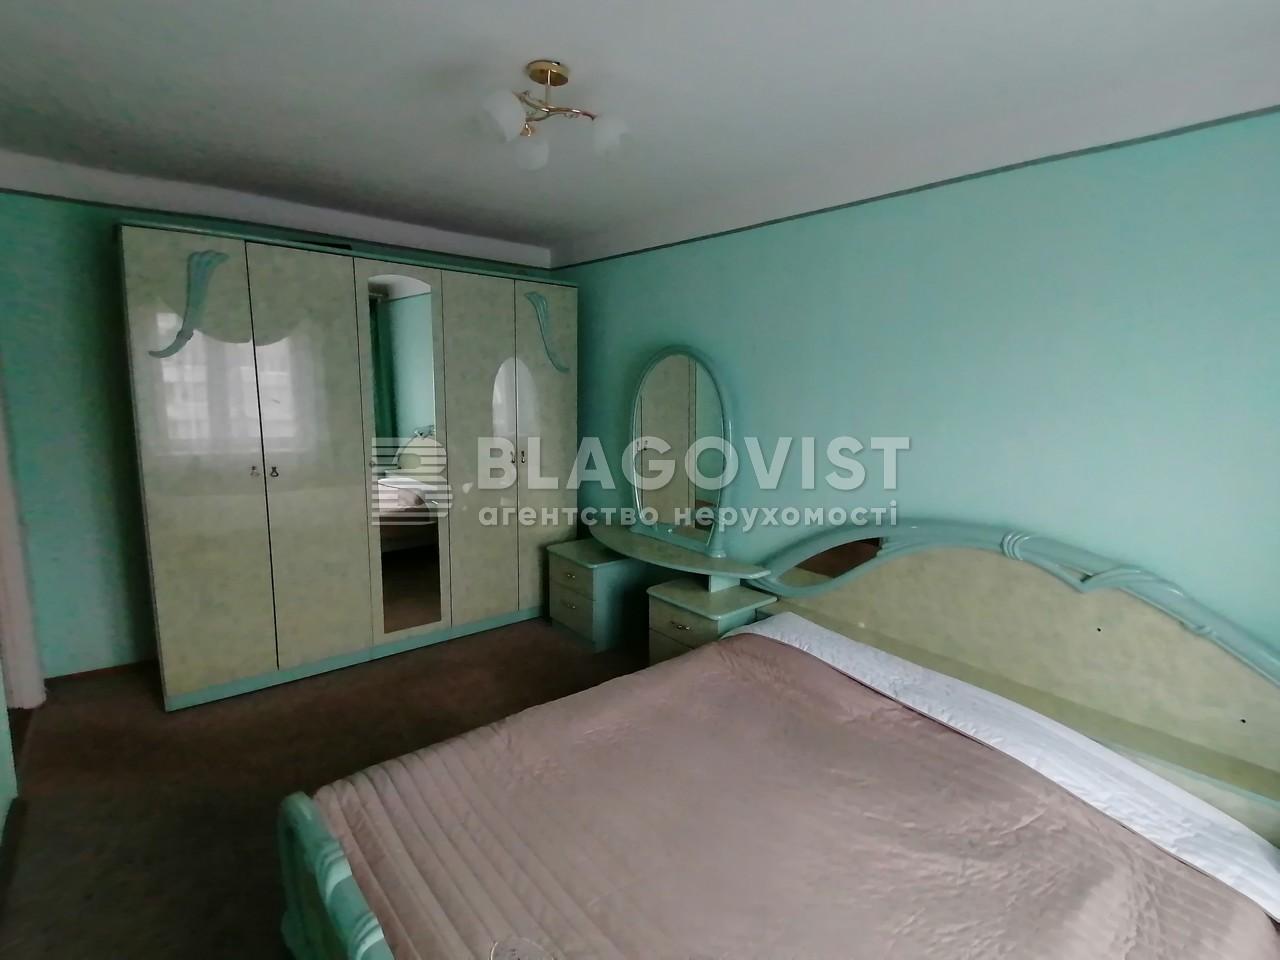 Квартира D-37025, Энтузиастов, 43, Киев - Фото 8